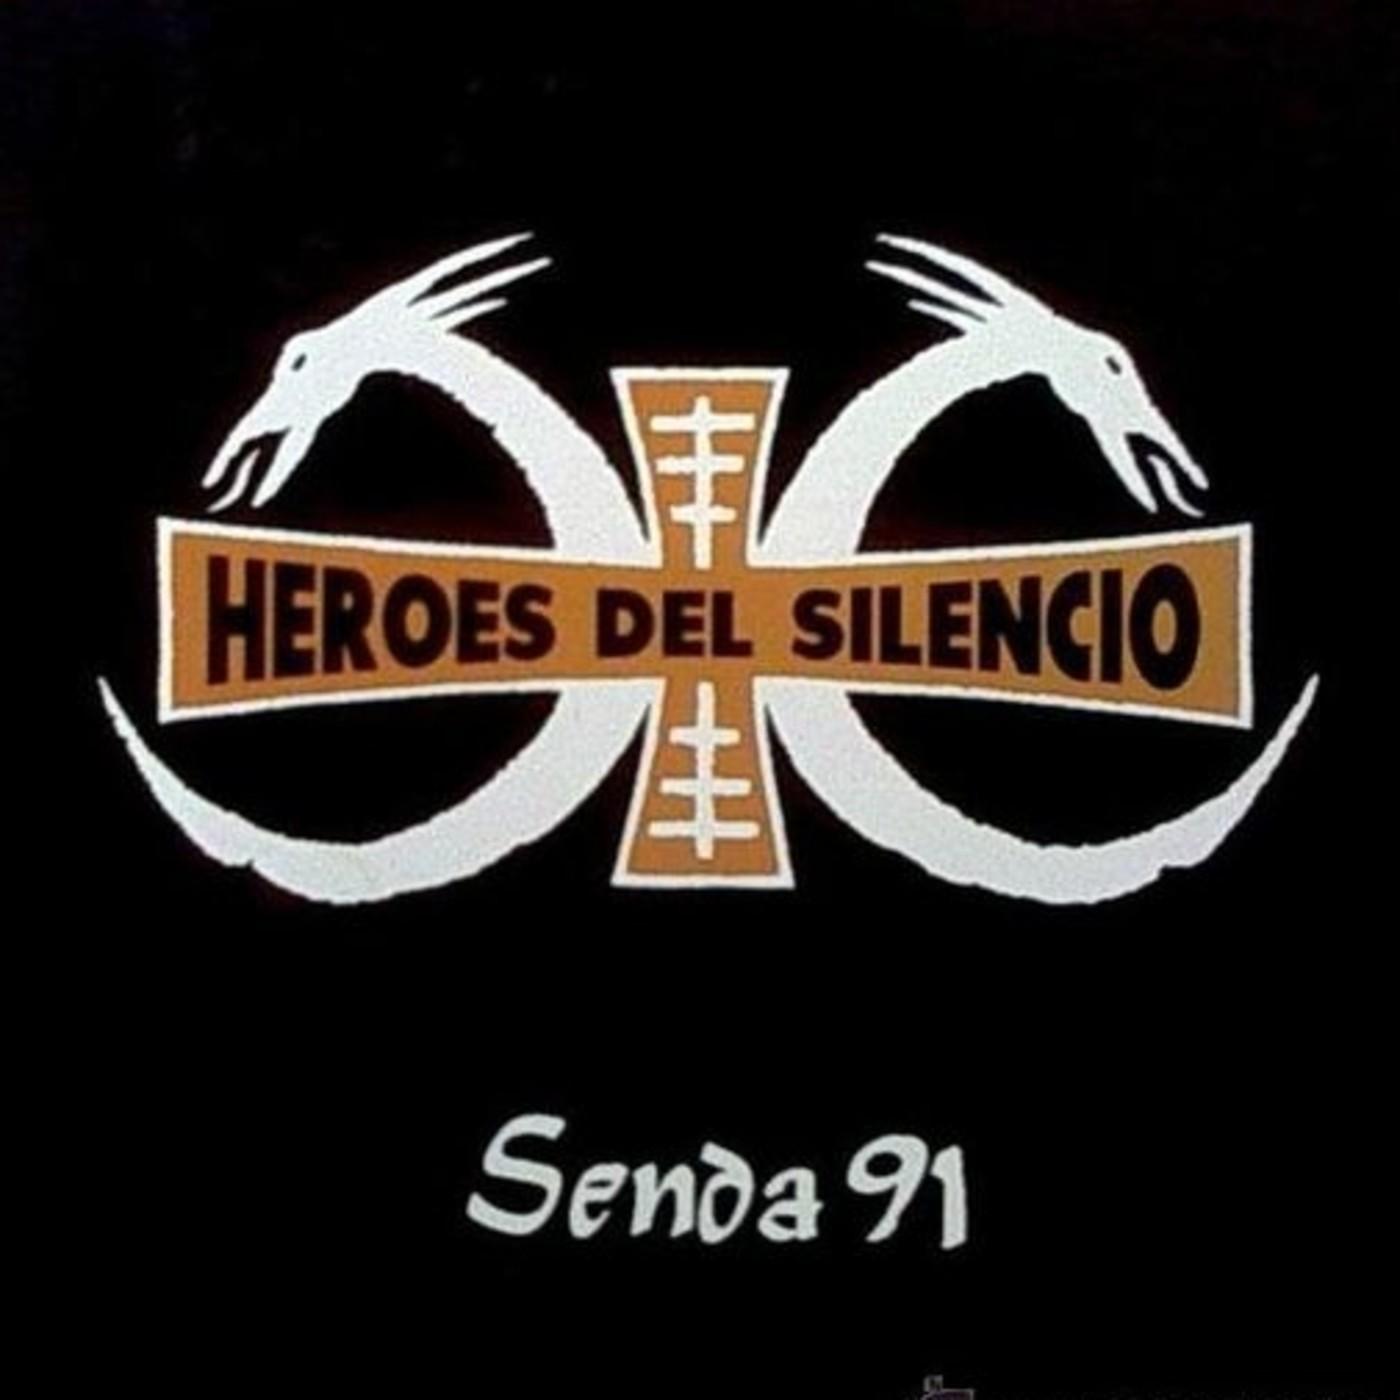 Héroes Del Silencio La Decadencia Senda 91 En Héroes Del Silencio Discografia Completa En Mp3 16 06 A Las 20 46 52 06 34 19307855 Ivoox